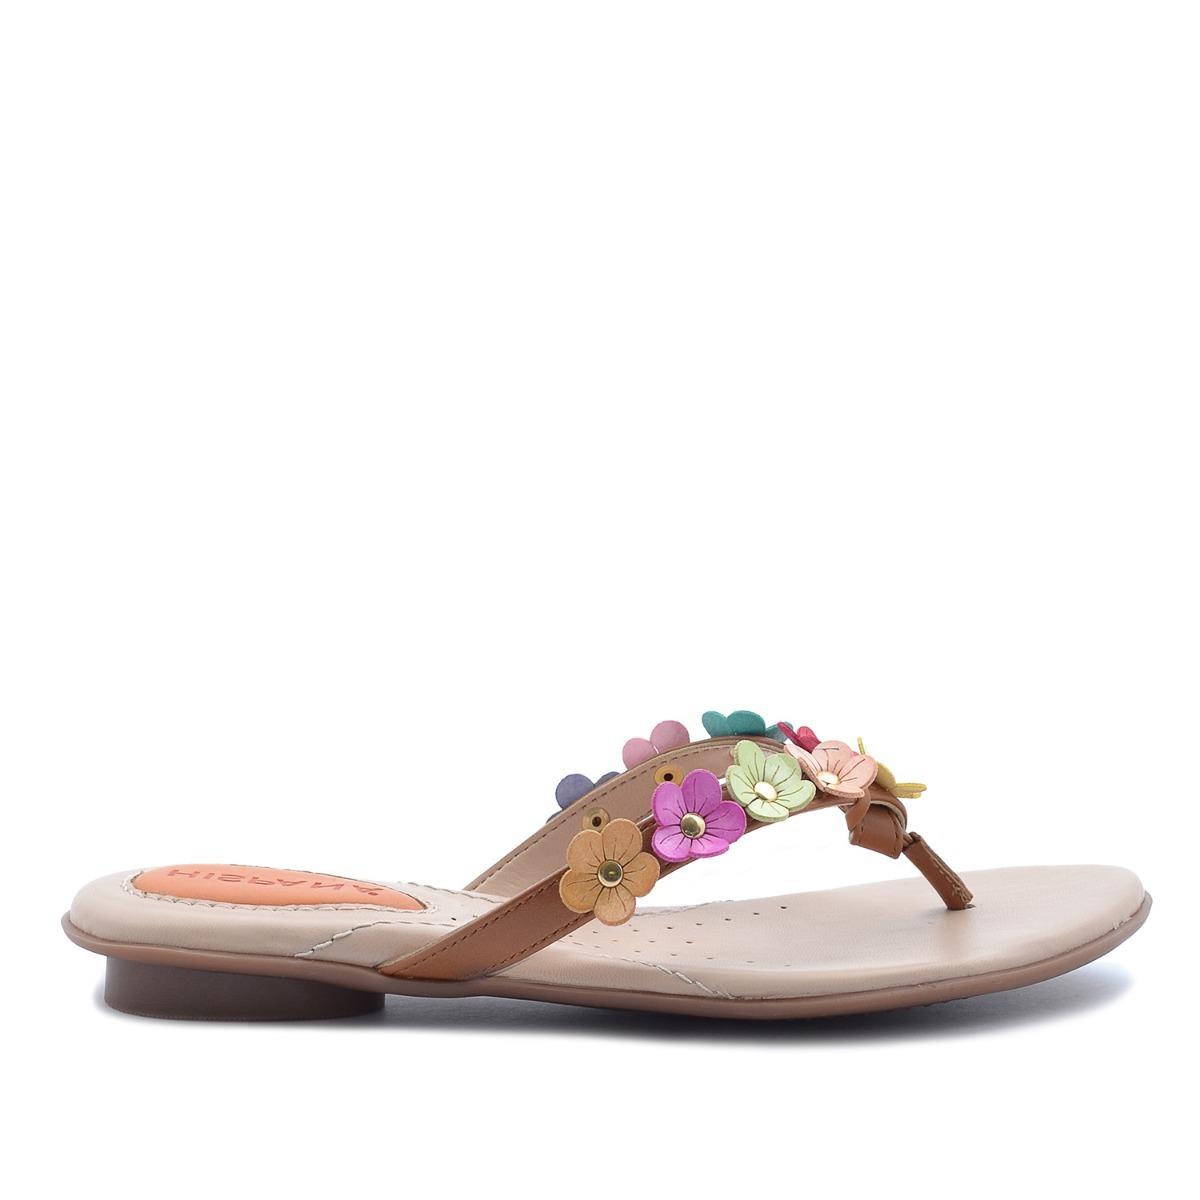 c01796cd sandalias de piso hispana belinda cuero-multicolor para dama. Cargando zoom.